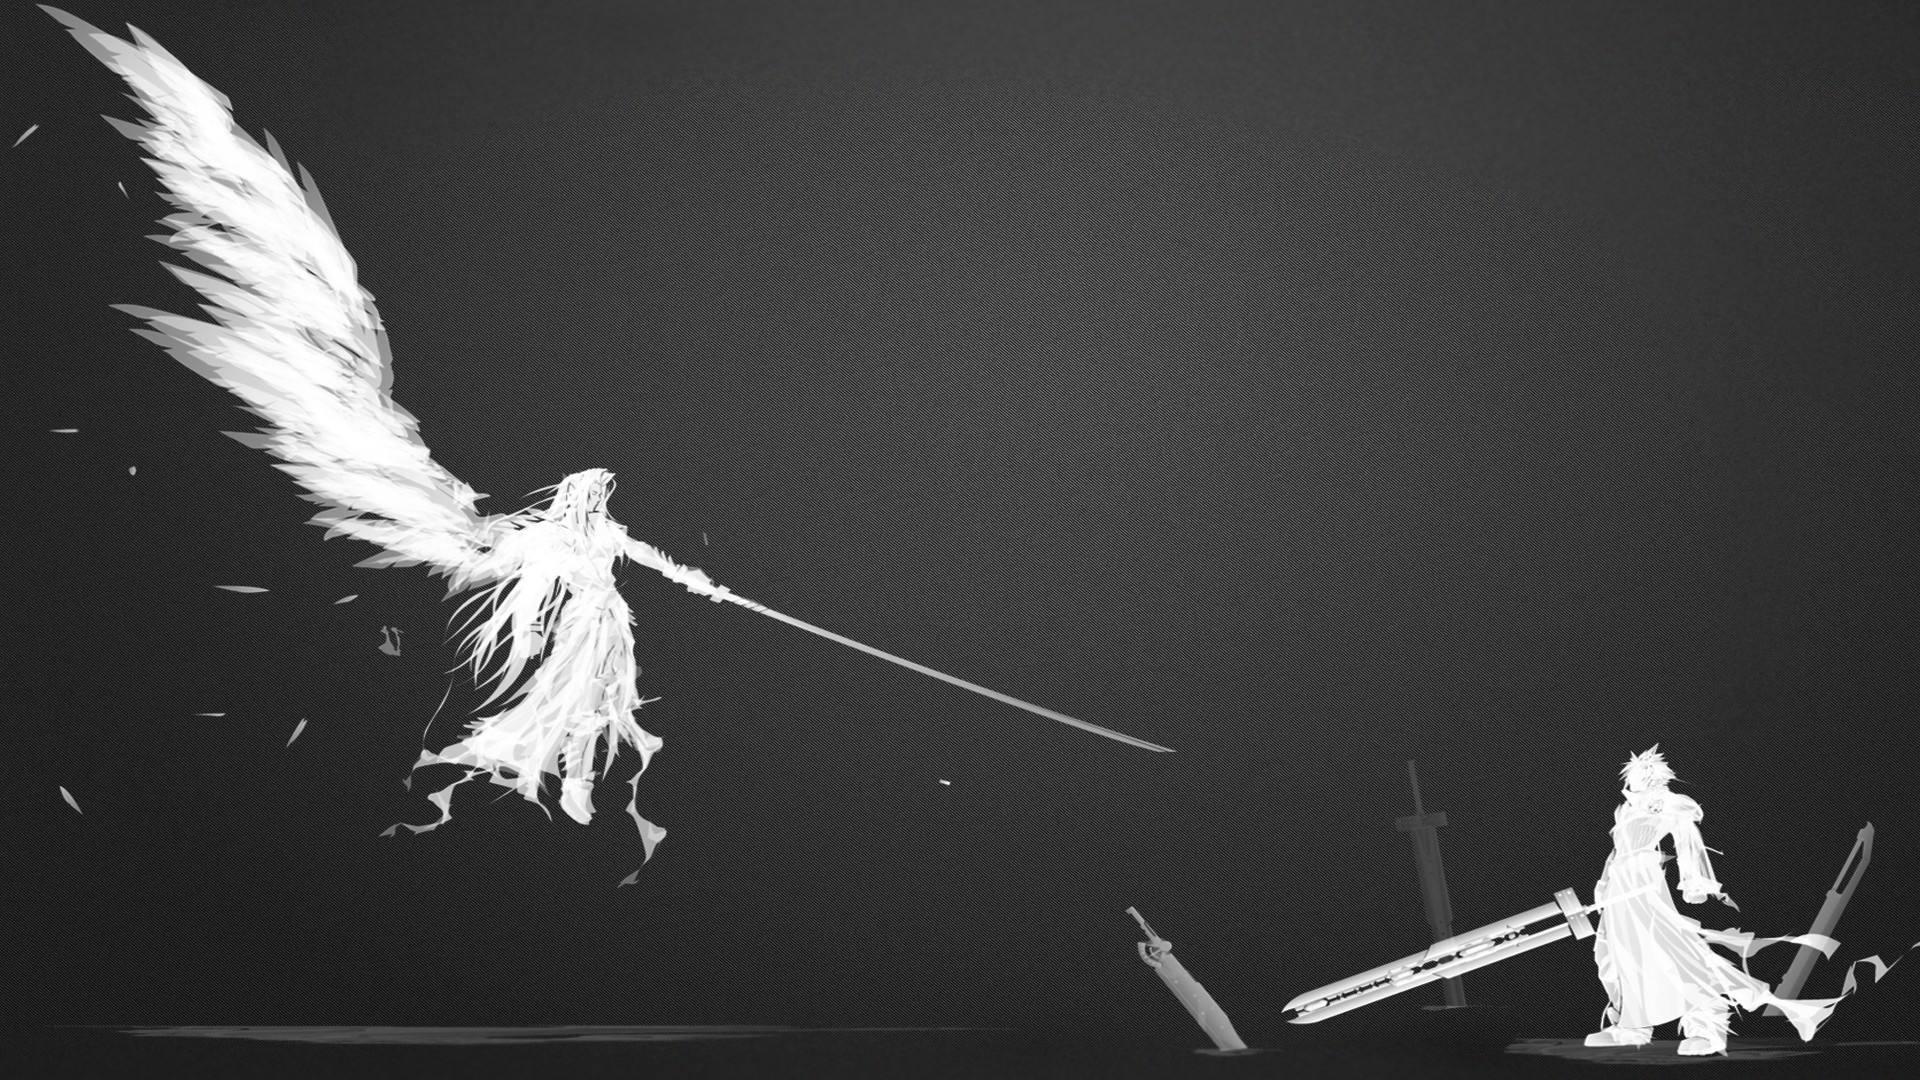 Íæ¼ÒÓÖ±»SE±³´ÌÒ»µ¶ Õâ¼Ò¹«Ë¾ÓÀÔ¶»áÈÃÄãÆøµ½Ã»Æ¢Æø (11)